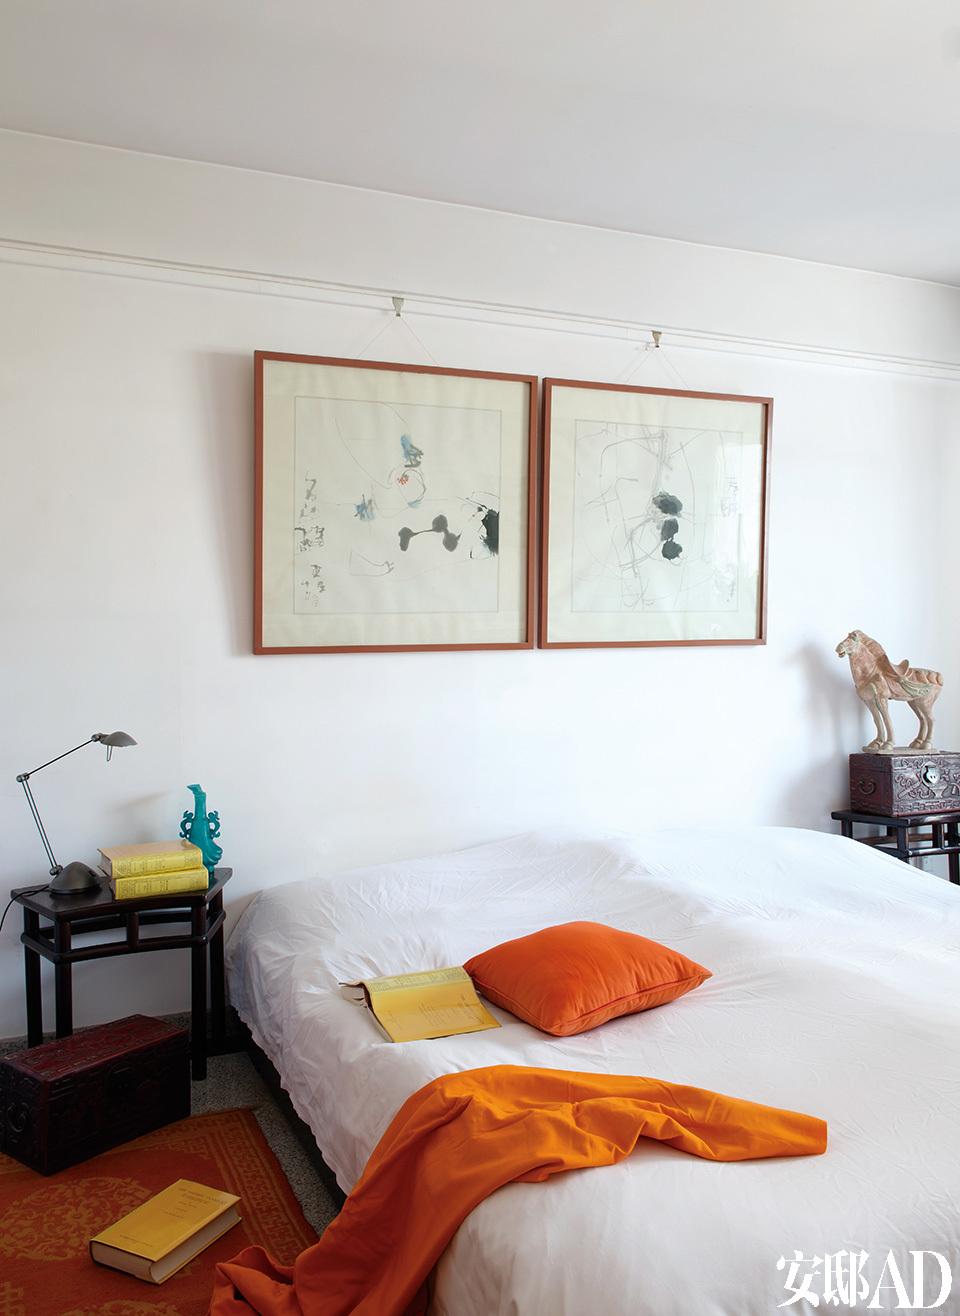 """另一间卧室中的墙上挂着两幅画家东泽的作品。他擅长以水墨手法画抽象的写意画,岳夫人很早就与他相识,在汉堡的家中也有他的不少作品。床两侧的小木桌是清代中期的家具,有趣的是它们各自有一定弧度,8个同样的木桌就可以拼成一个圆形。""""非常可惜我只买到了其中两个!""""岳夫人说。"""